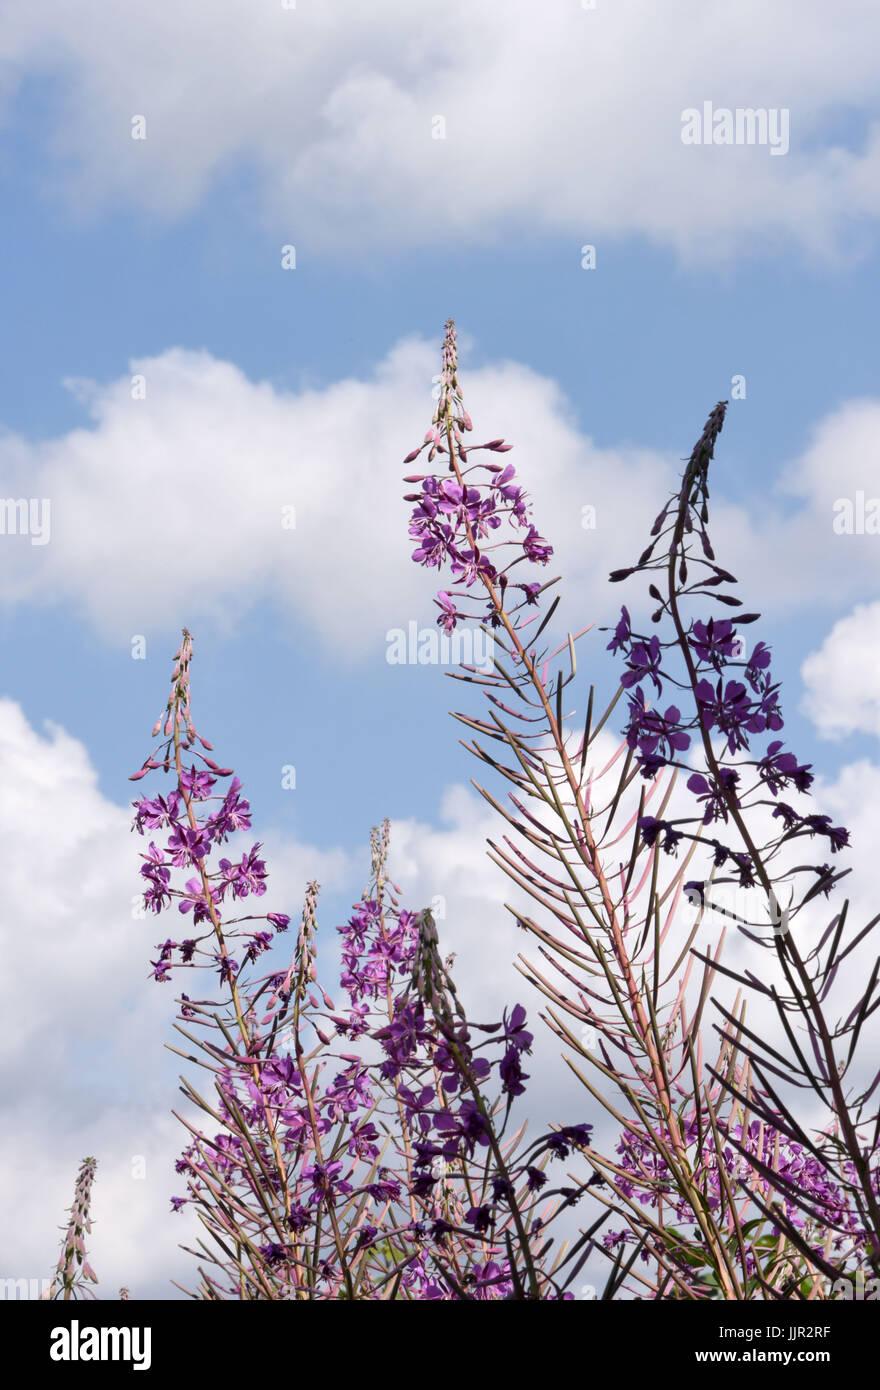 Flowers of Rosebay willowherb (Chamaenerion angustifolium). Bedgebury Forest, Kent, UK. Stock Photo